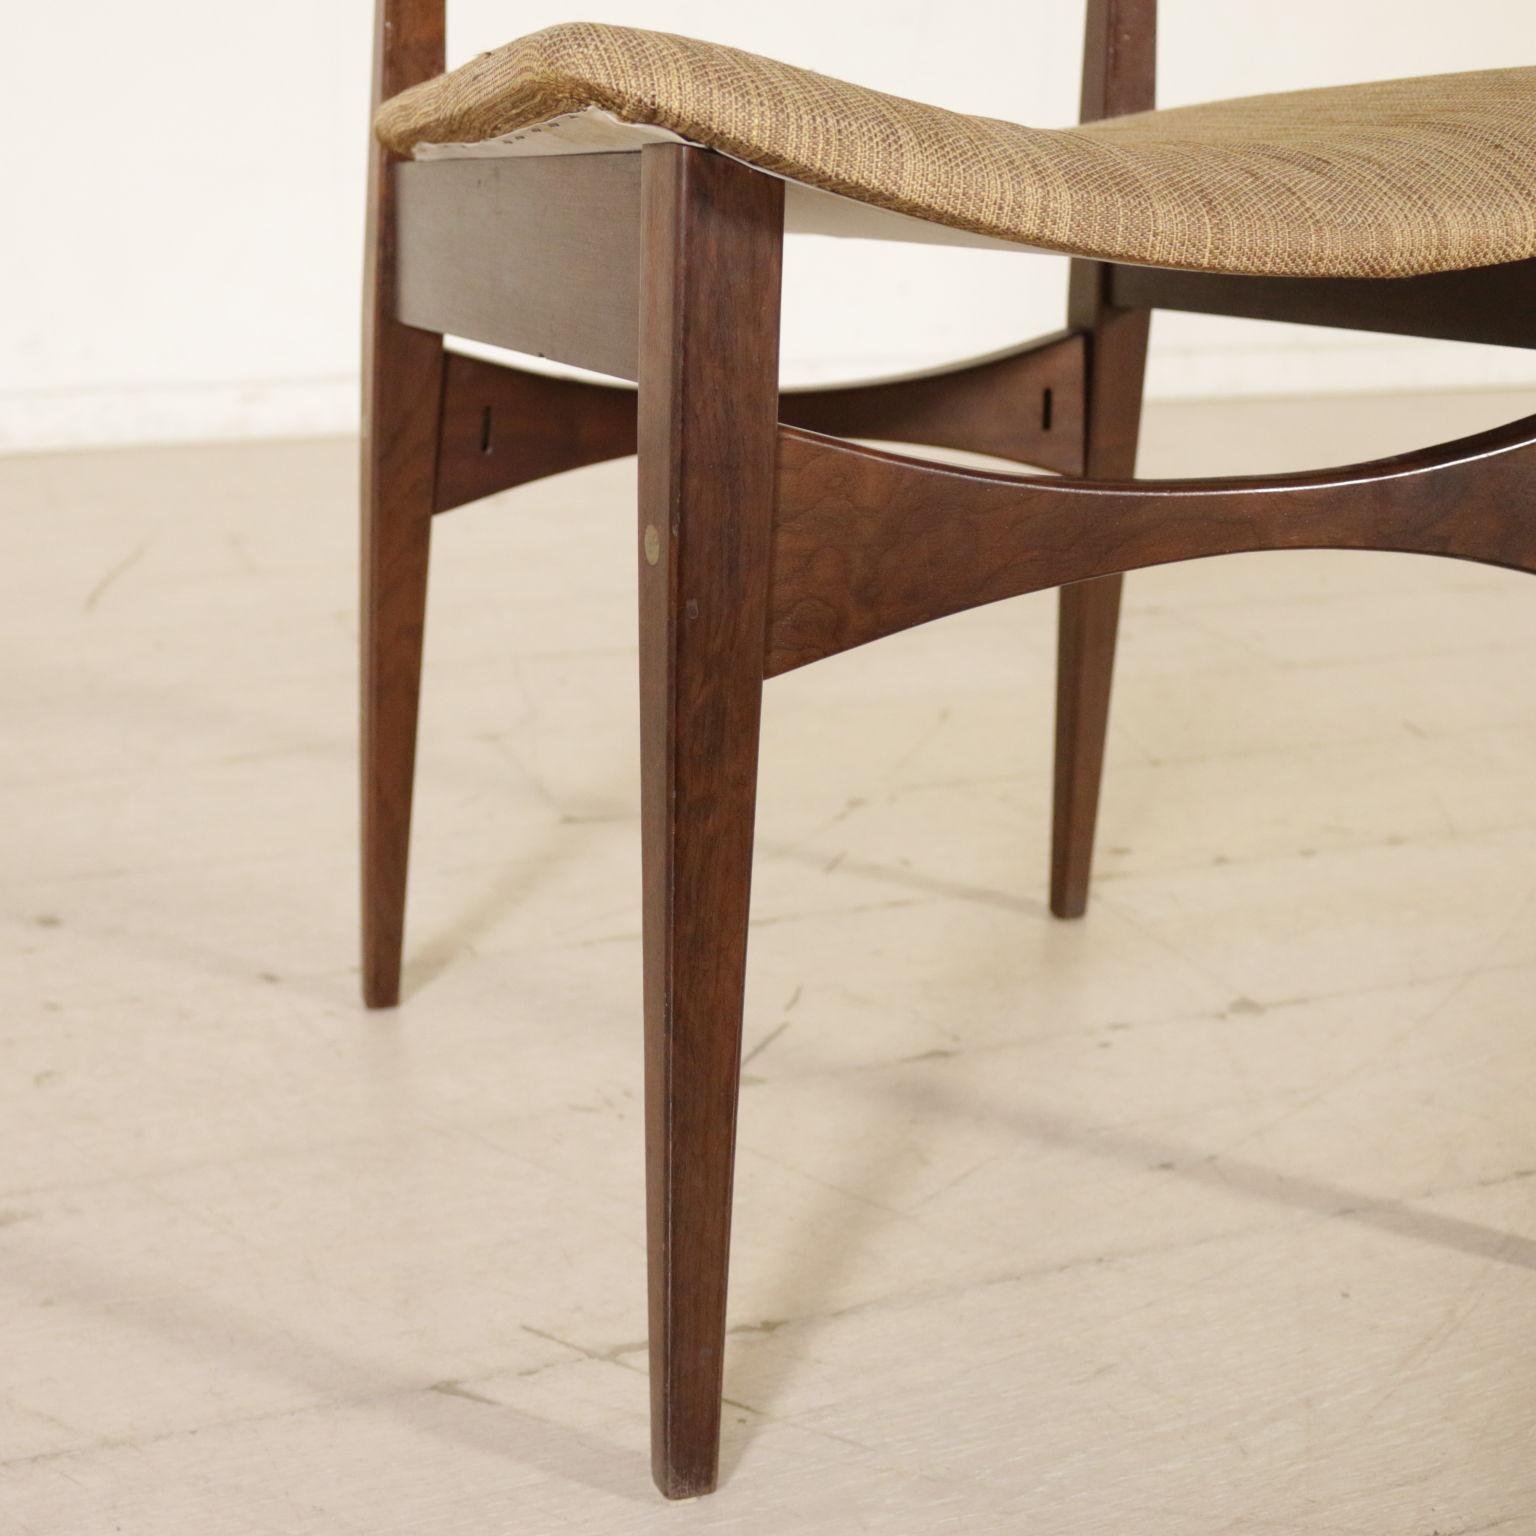 Sedie anni 60 sedie modernariato for Sedie particolari